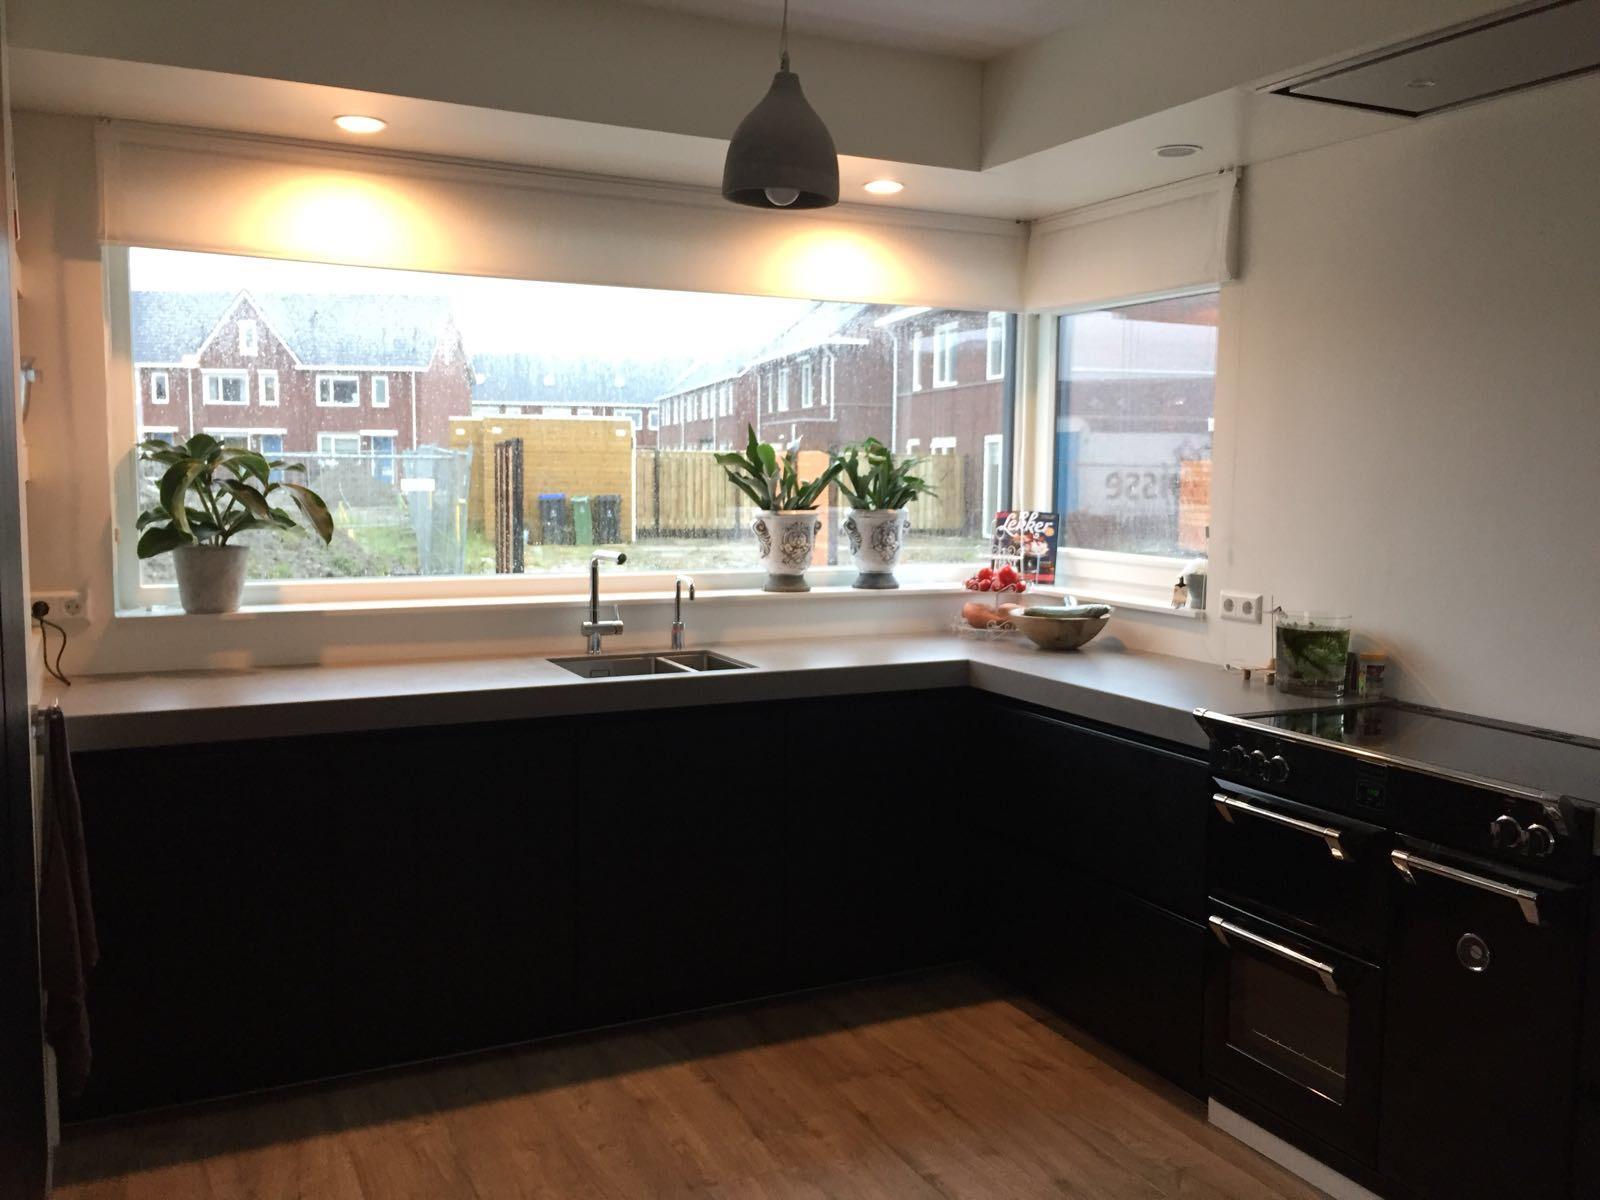 Styling keukens home styling keukens - Eigentijdse design keuken ...